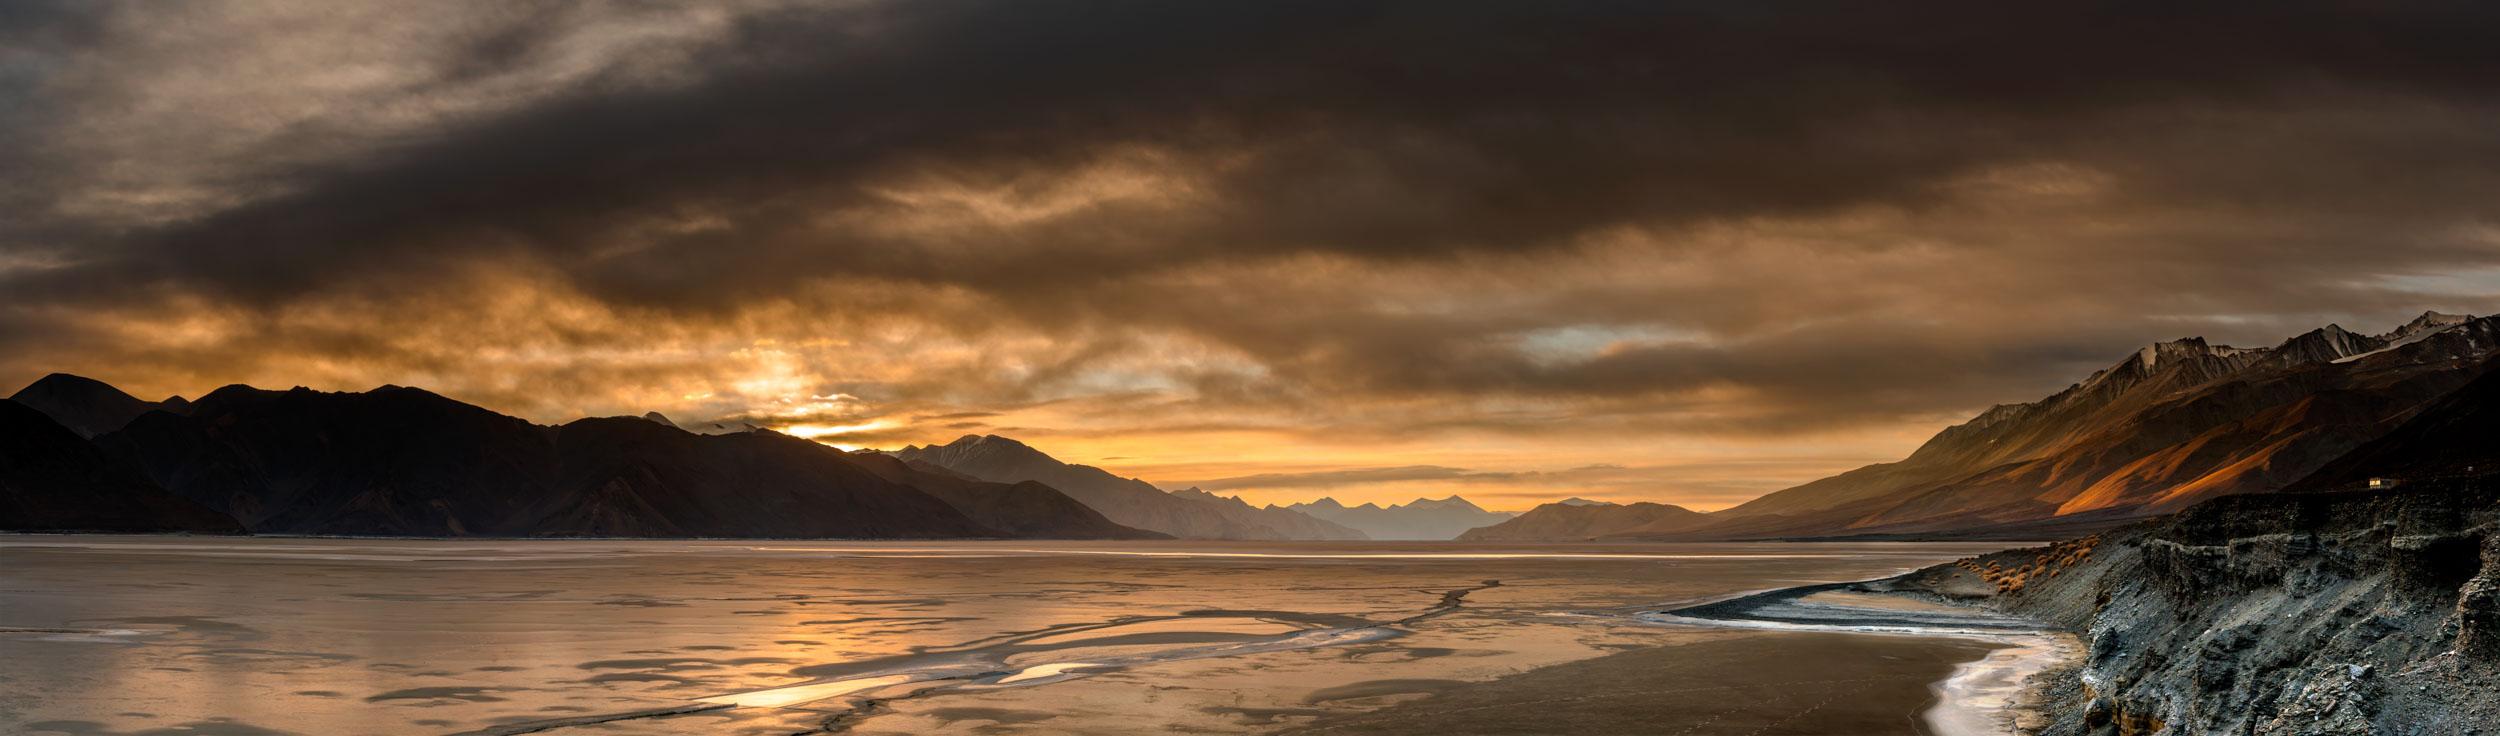 Frozen Pangong Tso Lake,Ladakh,Jammu and Kashmir